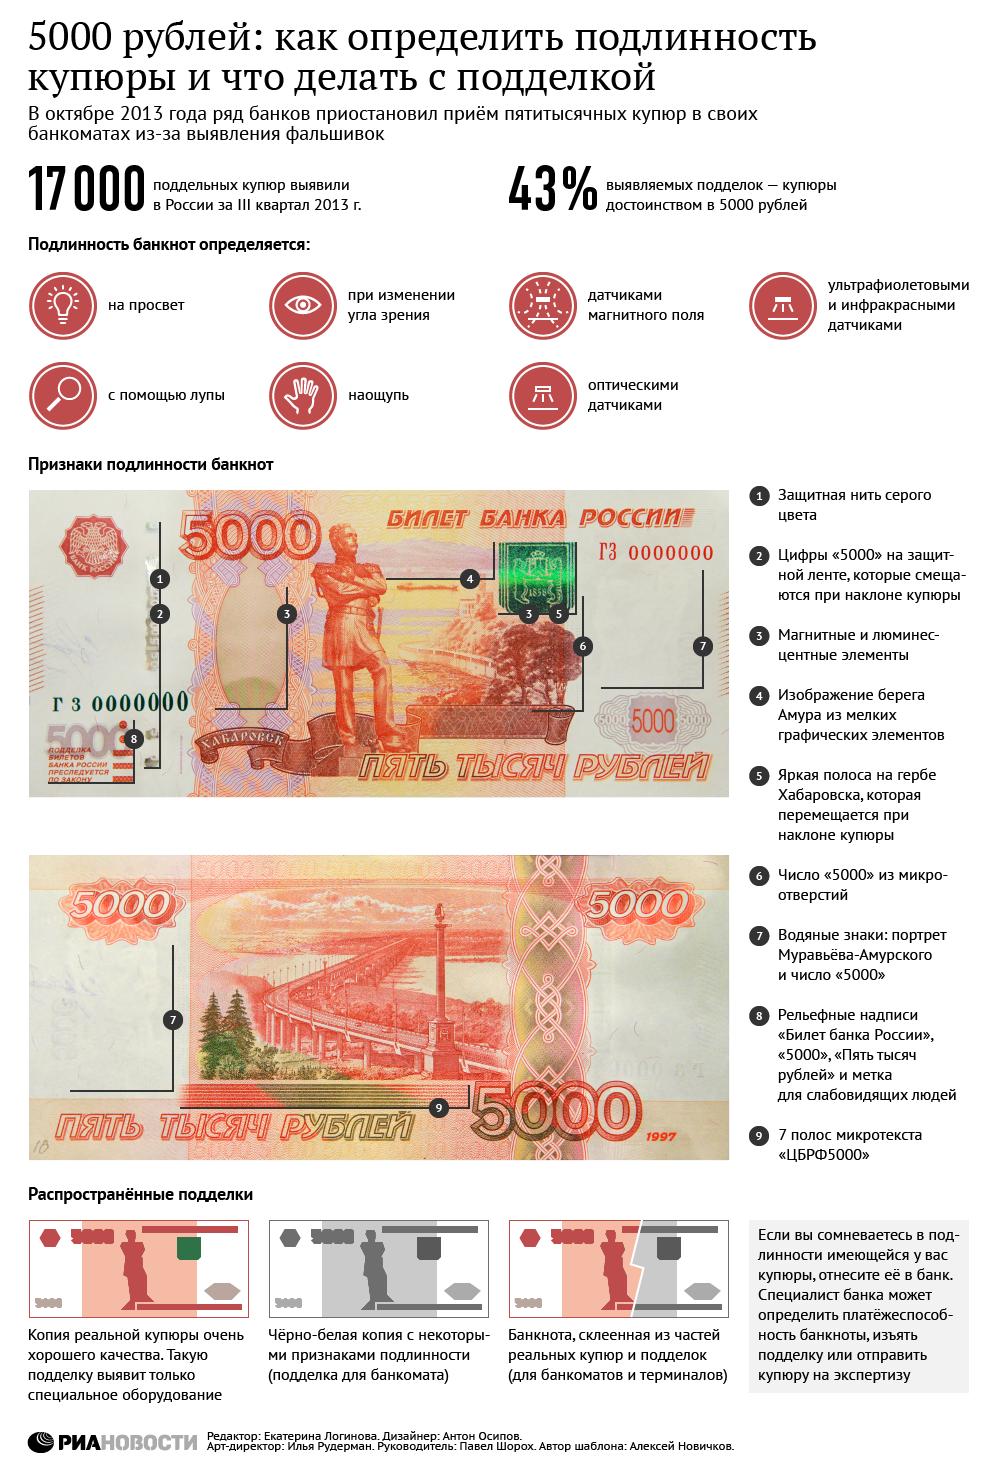 5000 рублей: как определить подлинность купюры и что делать с подделкой